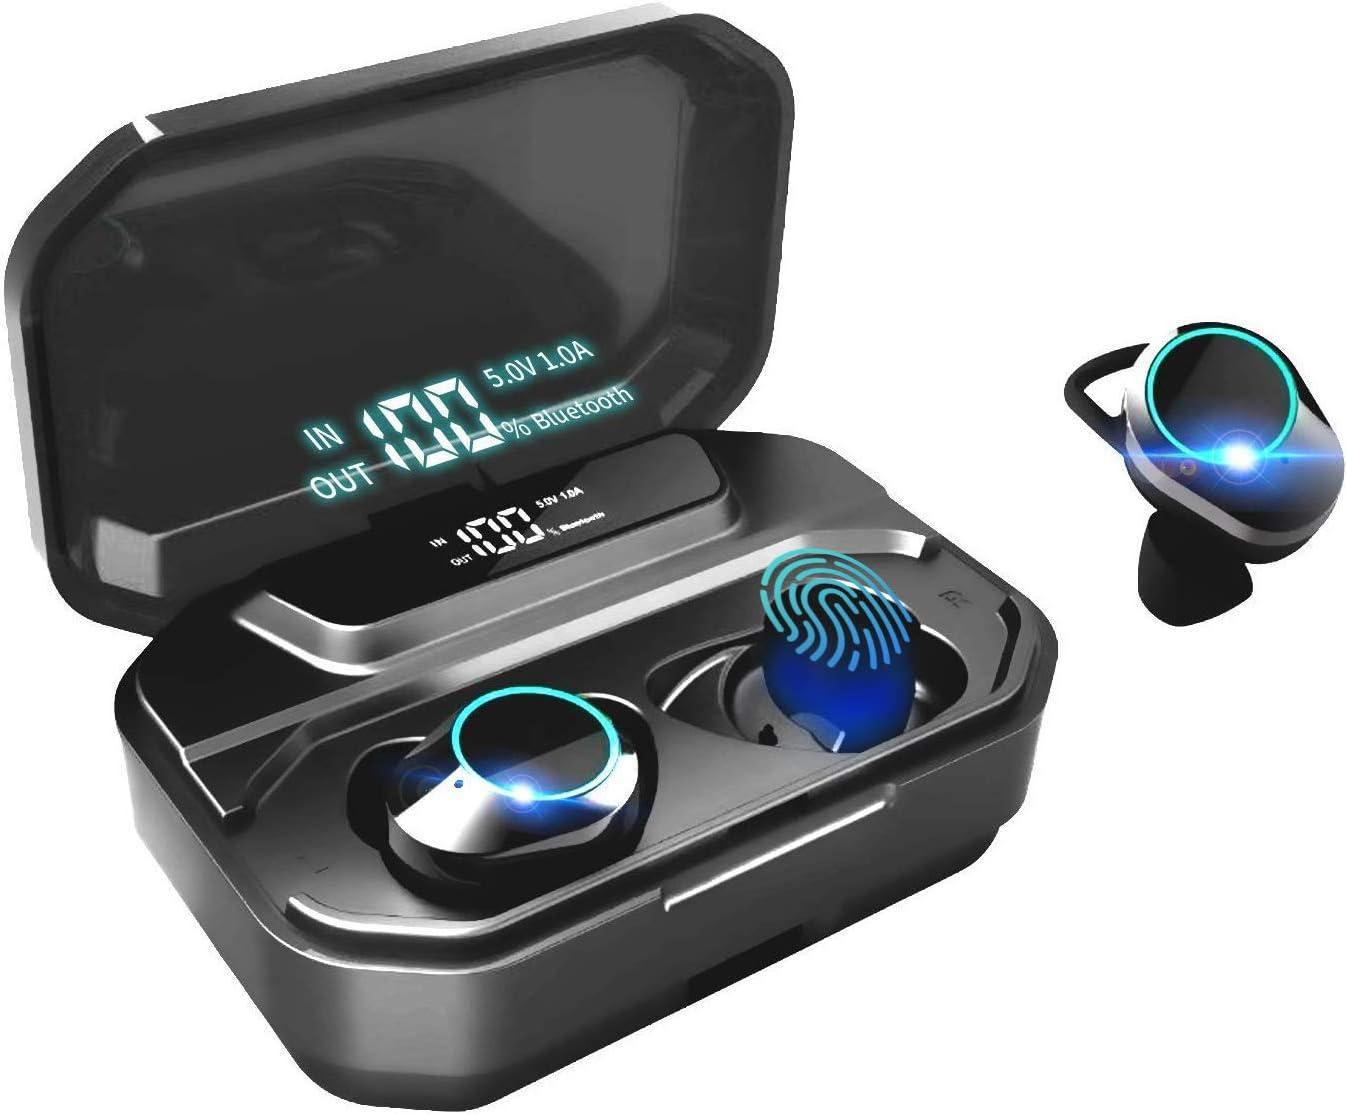 HAMTOD G02 Auriculares Bluetooth,inalámbricos Verdaderos IPX6 Mini Twins In-Ear Sport Bluetooth 5.0, 110H Playtime con Estuche de Carga 3300mAh, con Control táctil de Audio estéreo 3D con micrófono